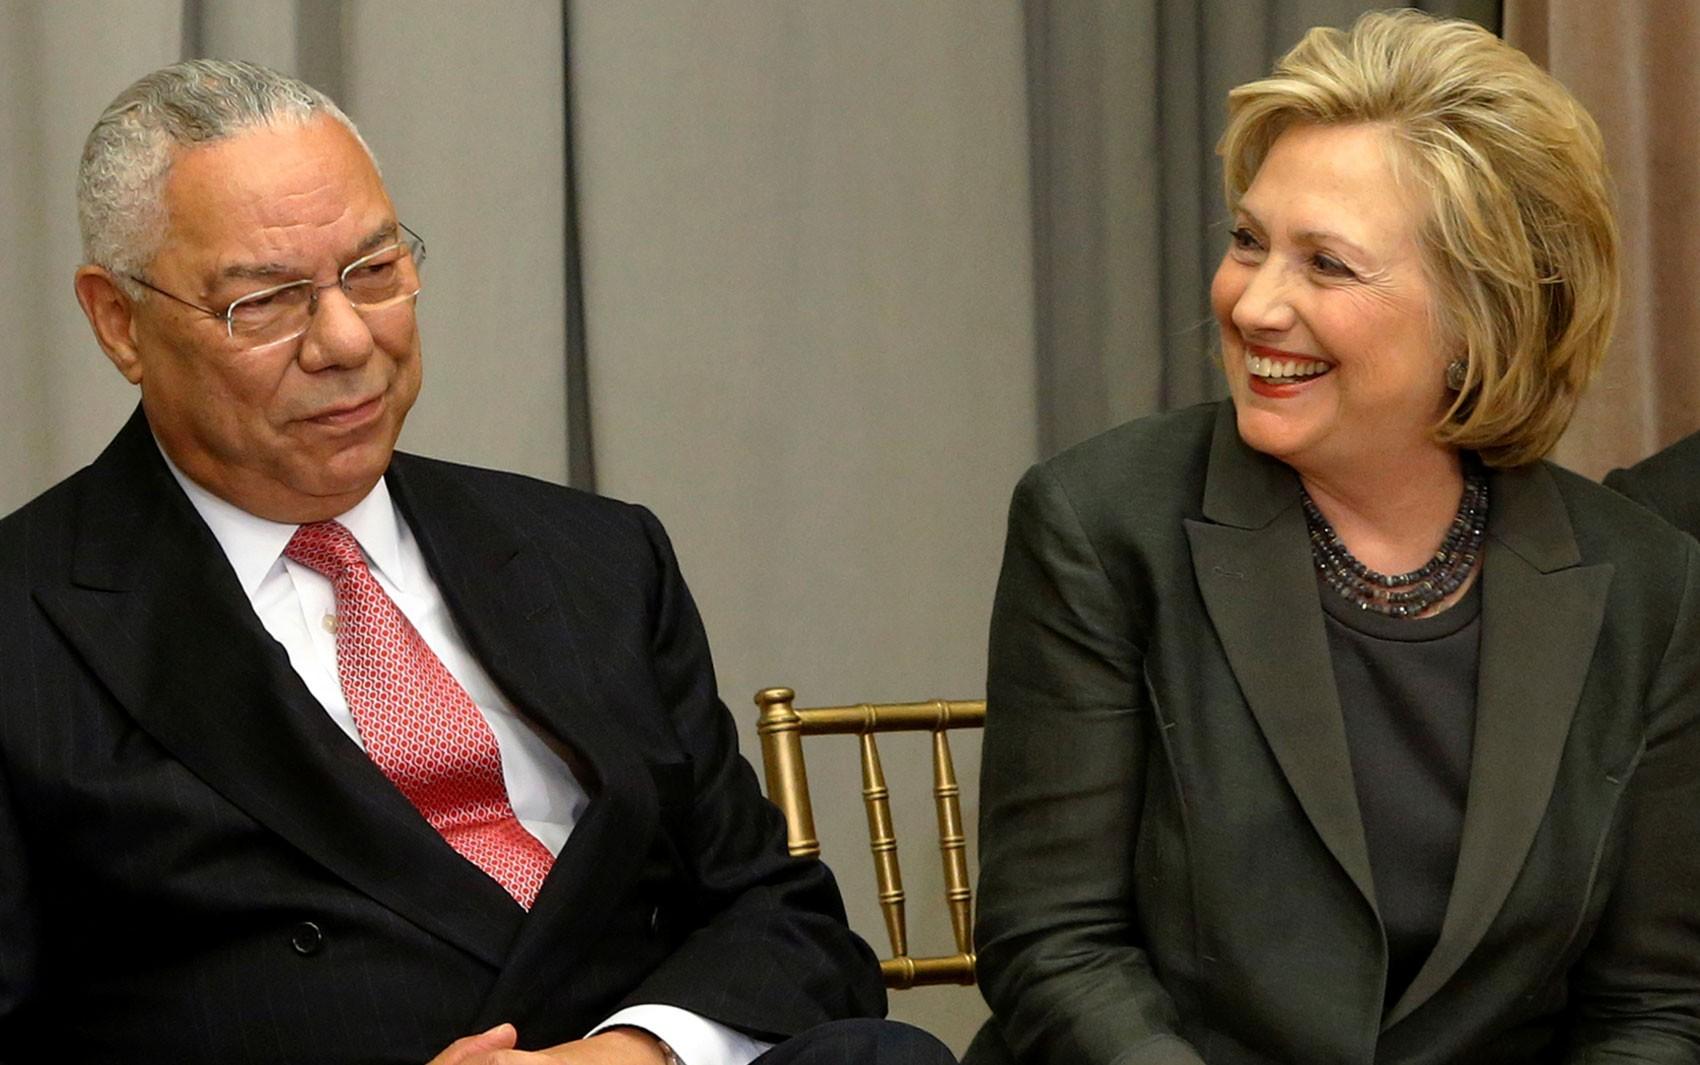 Os ex-secretários de Estado dos EUA Colin Powell e Hillary Clinton durante cerimônia em Washington, em 3 de setembro de 2014 (Foto: Reuters/Jonathan Ernst/File Photo)